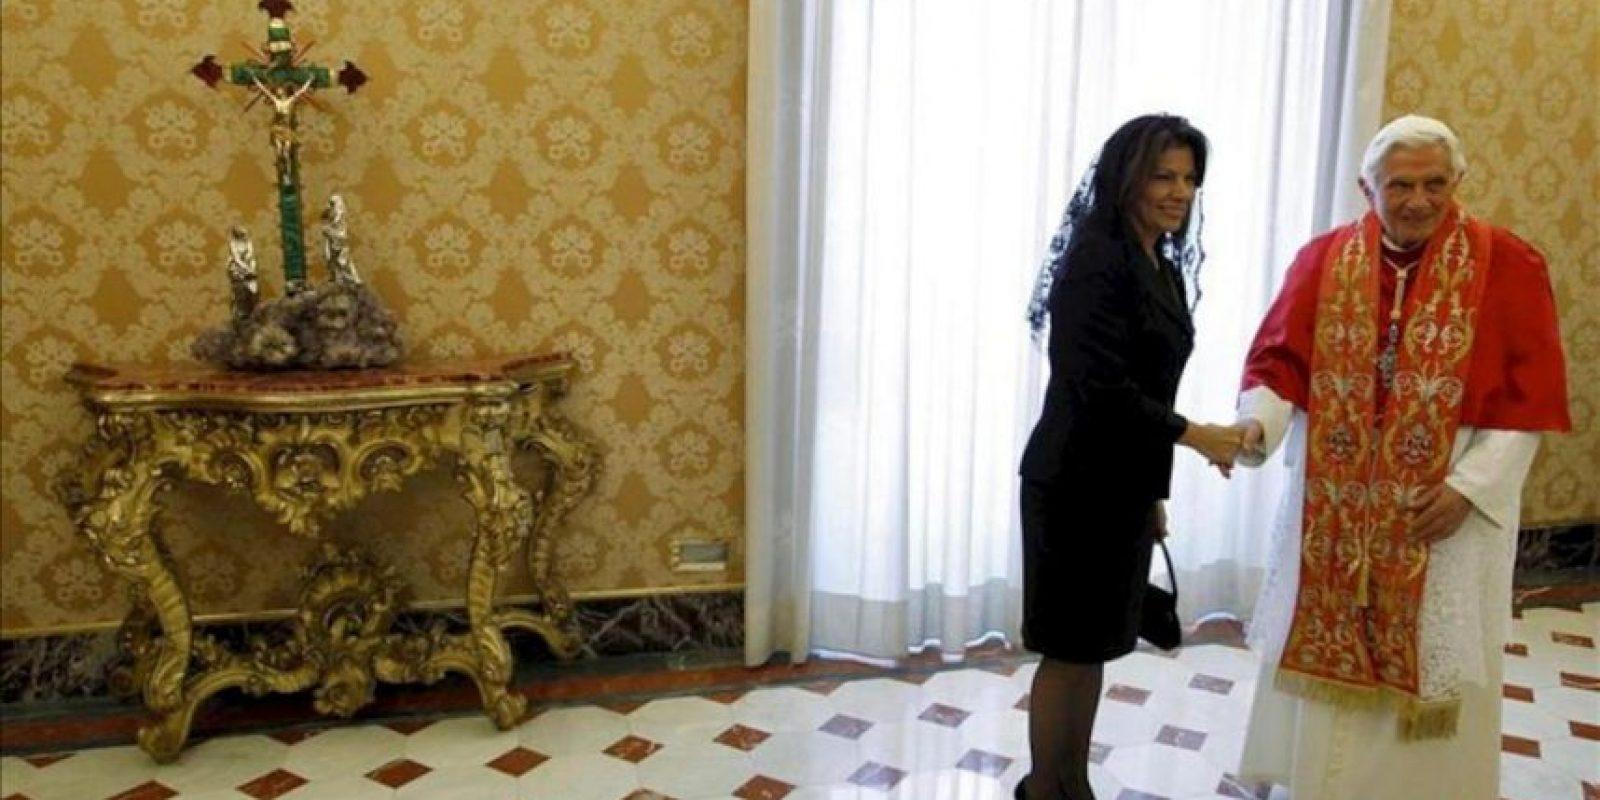 El papa Benedicto XVI (d) recibe a la presidenta de Costa Rica, Laura Chinchilla Miranda, durante la audiencia celebrada en el Vaticano, hoy, lunes 28 de mayo. EFE